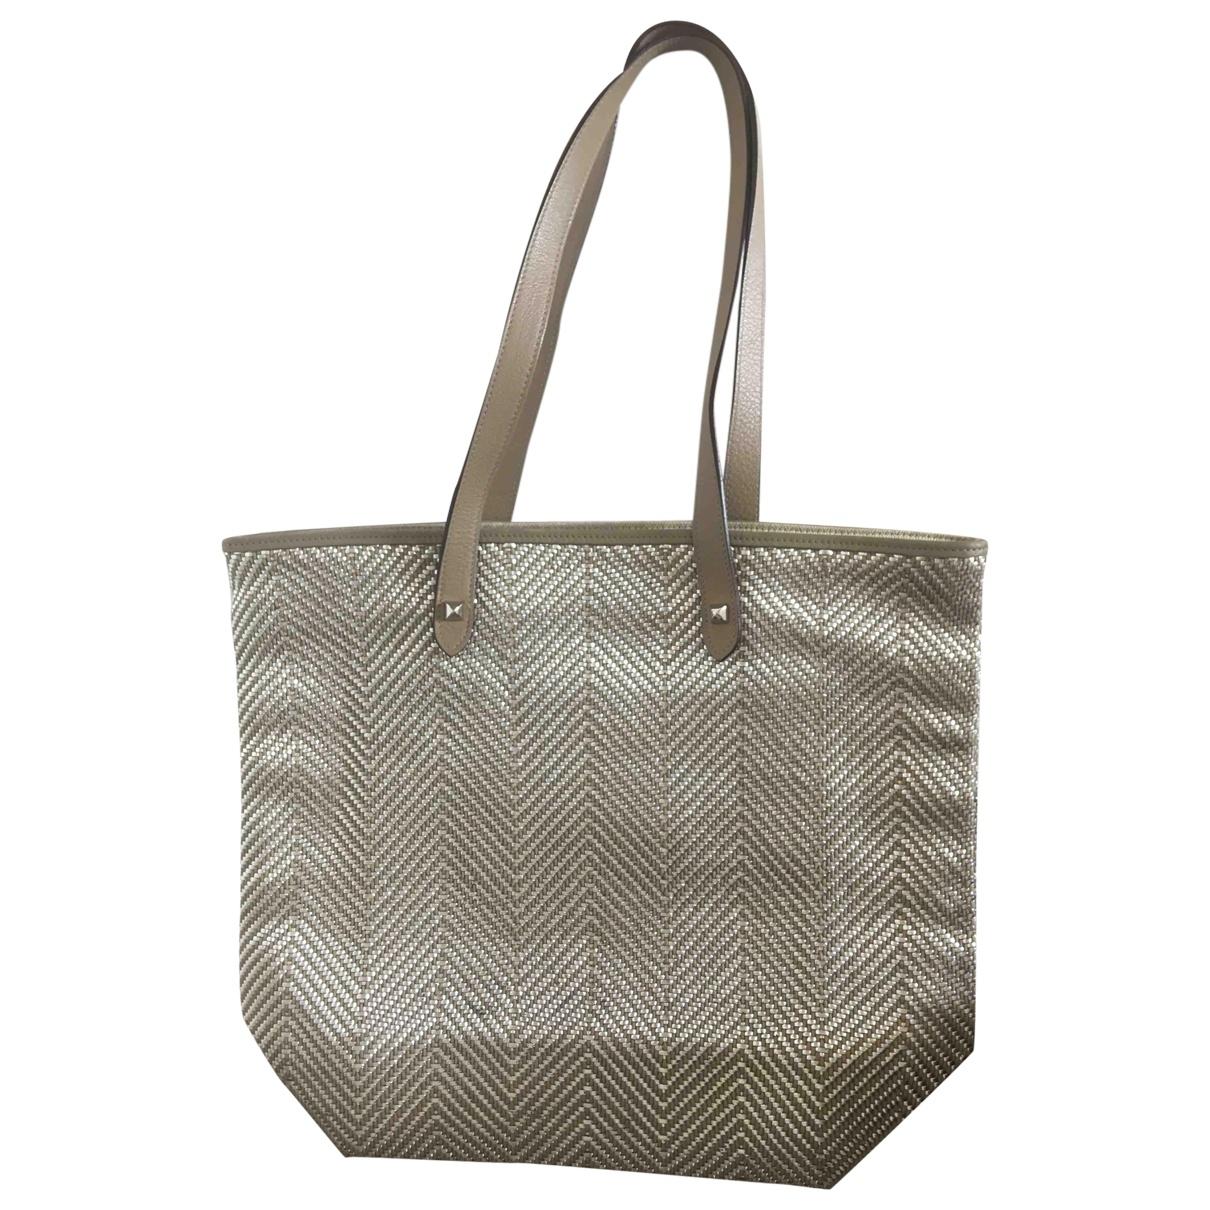 Hermès \N Beige Leather handbag for Women \N